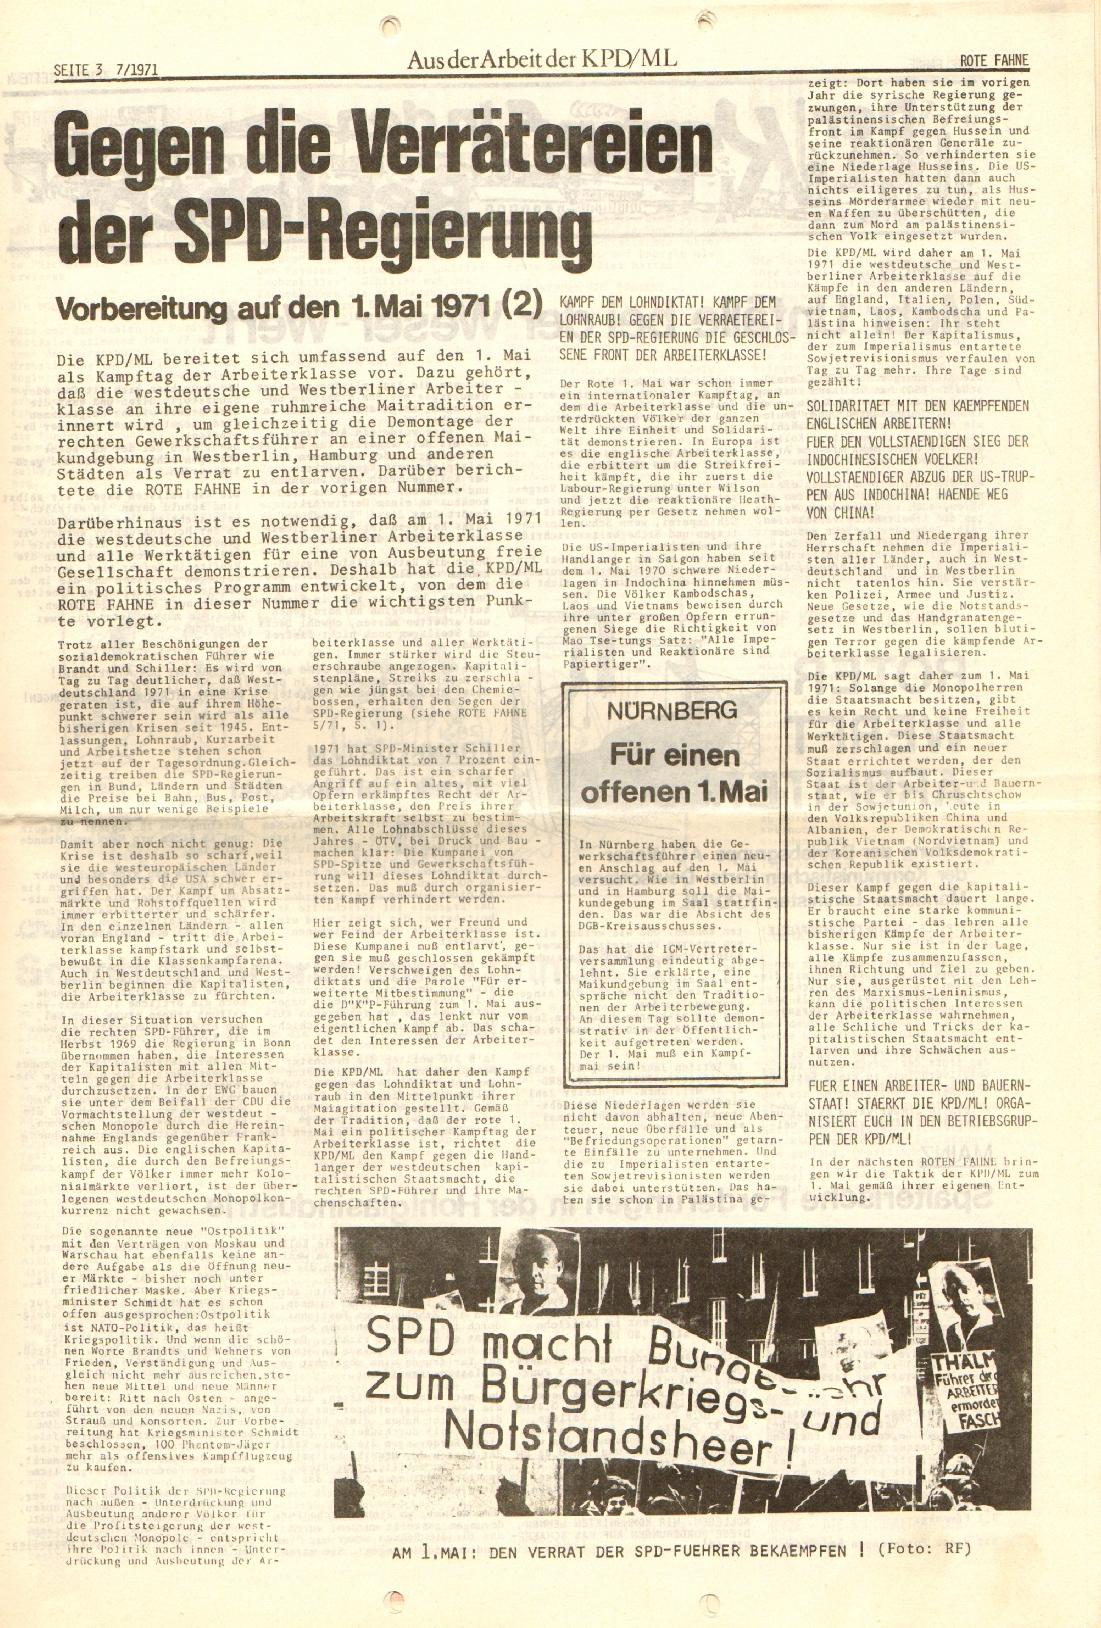 Rote Fahne, 2. Jg., 12.4.1971, Nr. 7, Seite 3